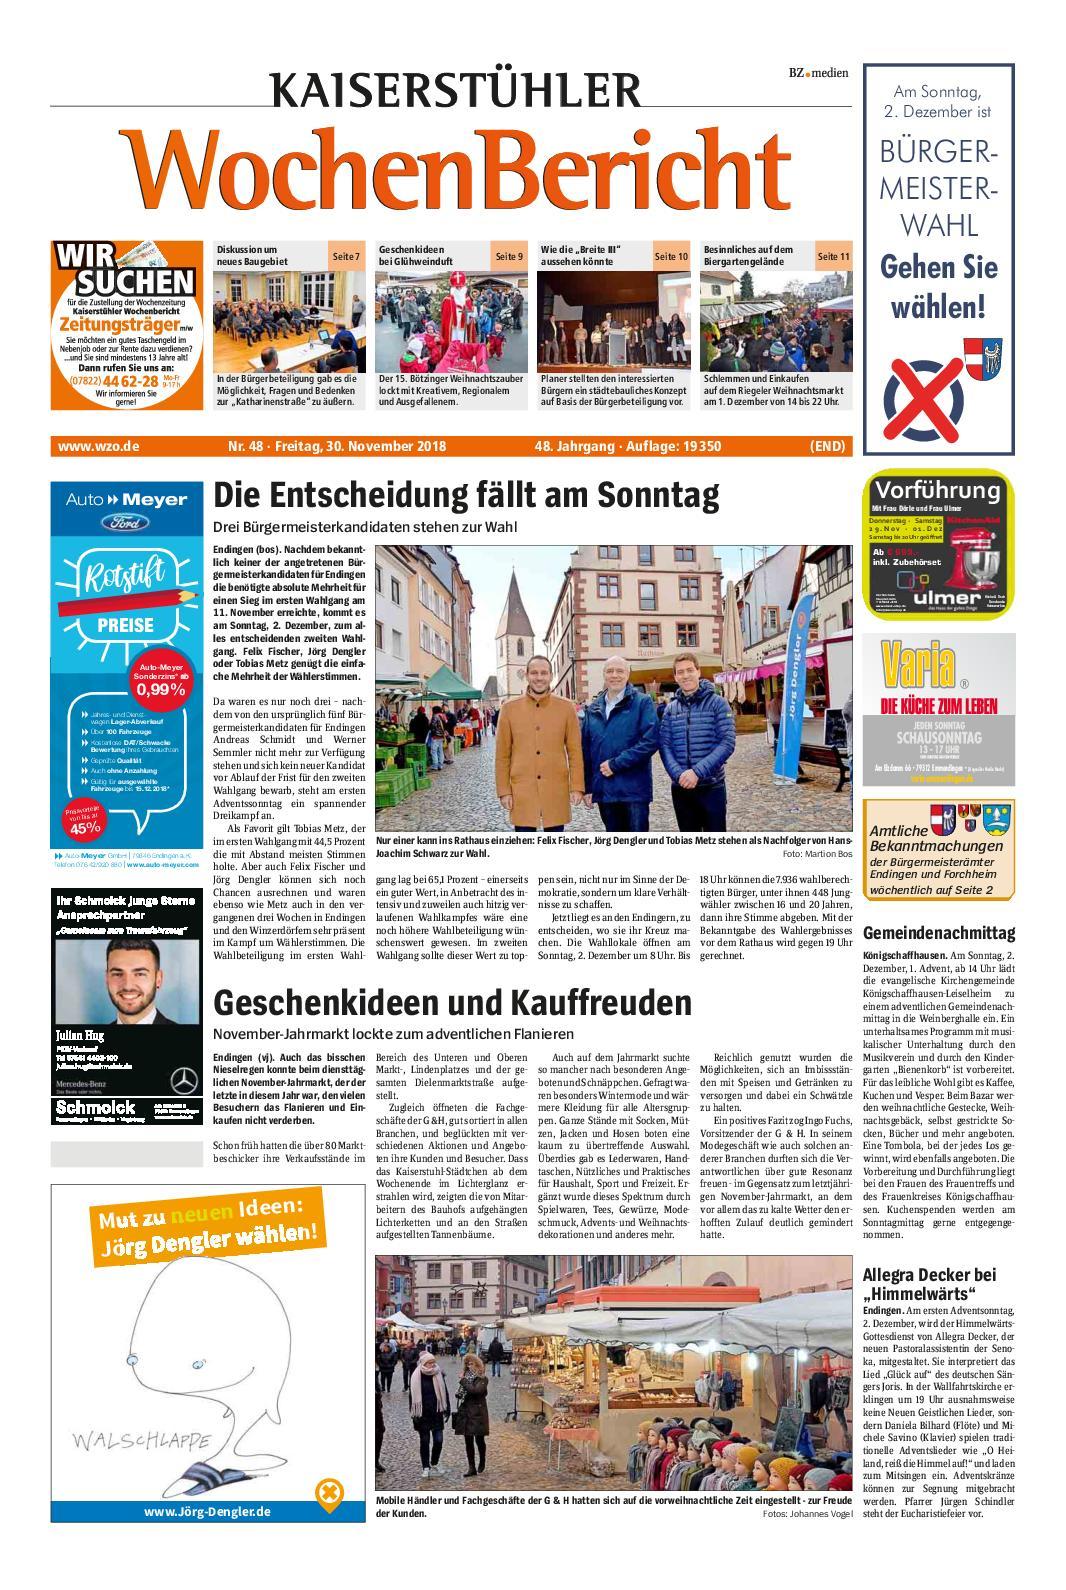 6 Neueste Technik Berlin Auktion 1998 !! Irene Lehr Kraftvoll Dr Mit Ergebnisliste !!